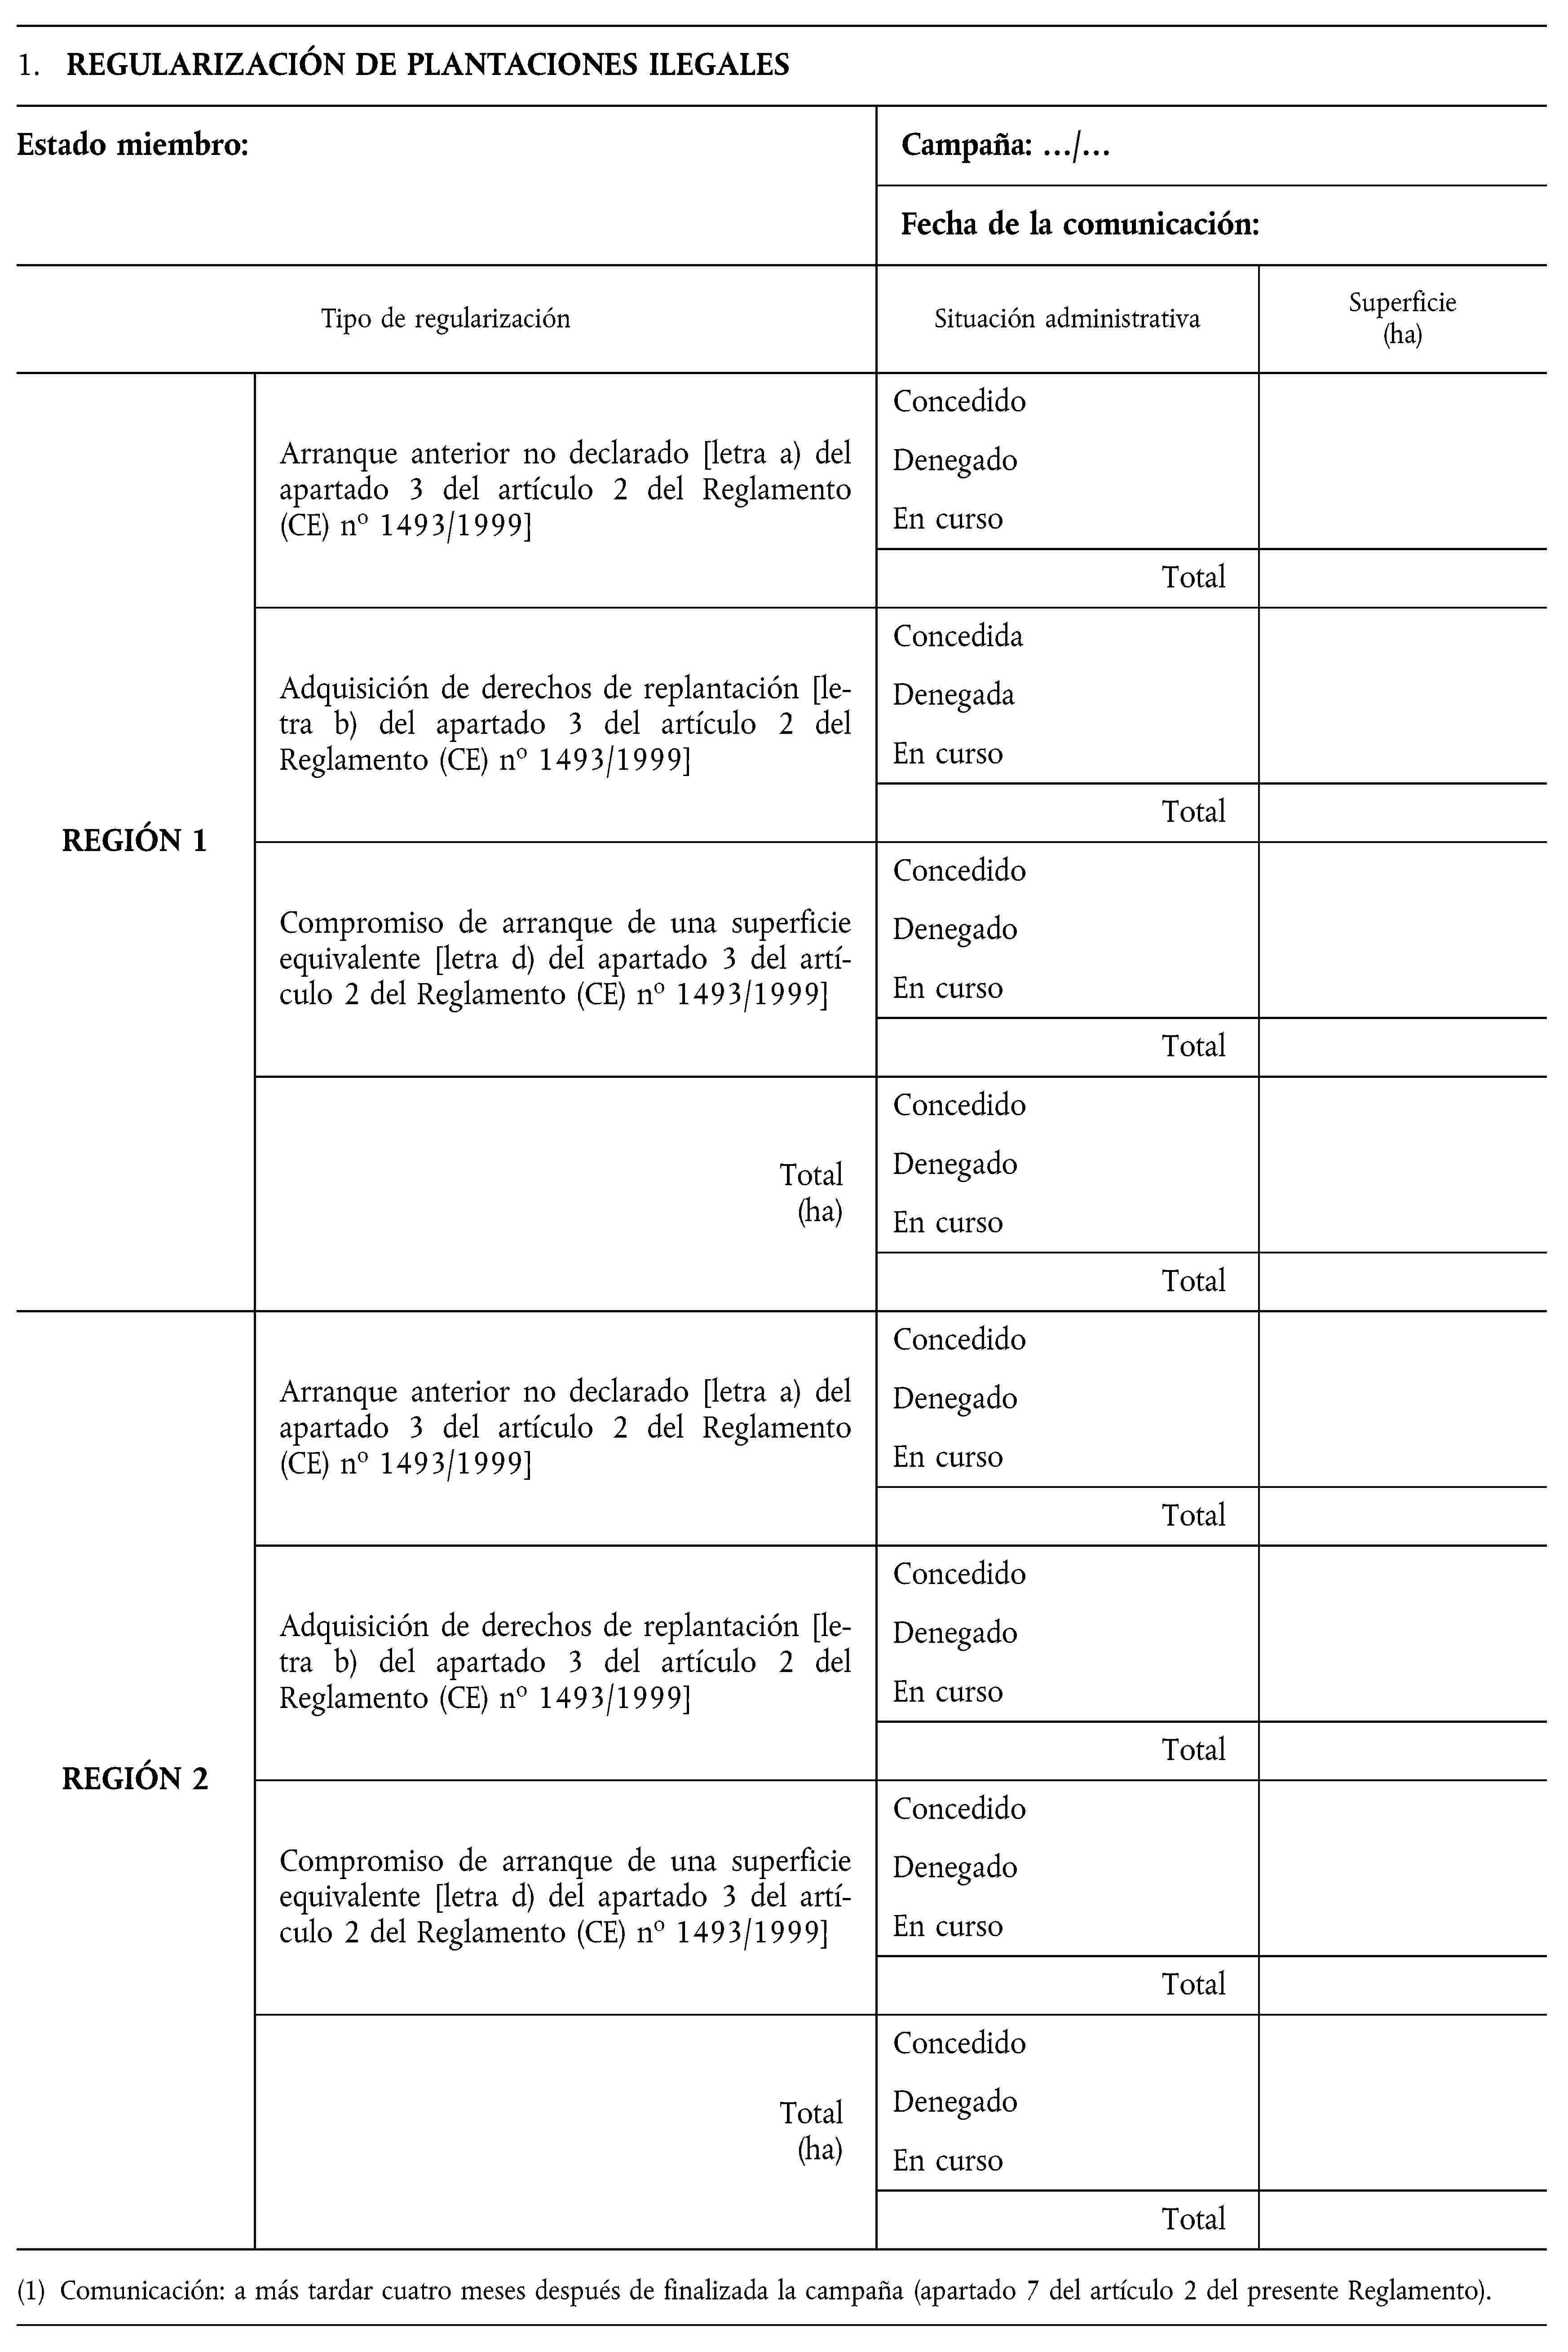 Increíble Reanudar Tamaño De Letra De Formato Foto - Ejemplo De ...